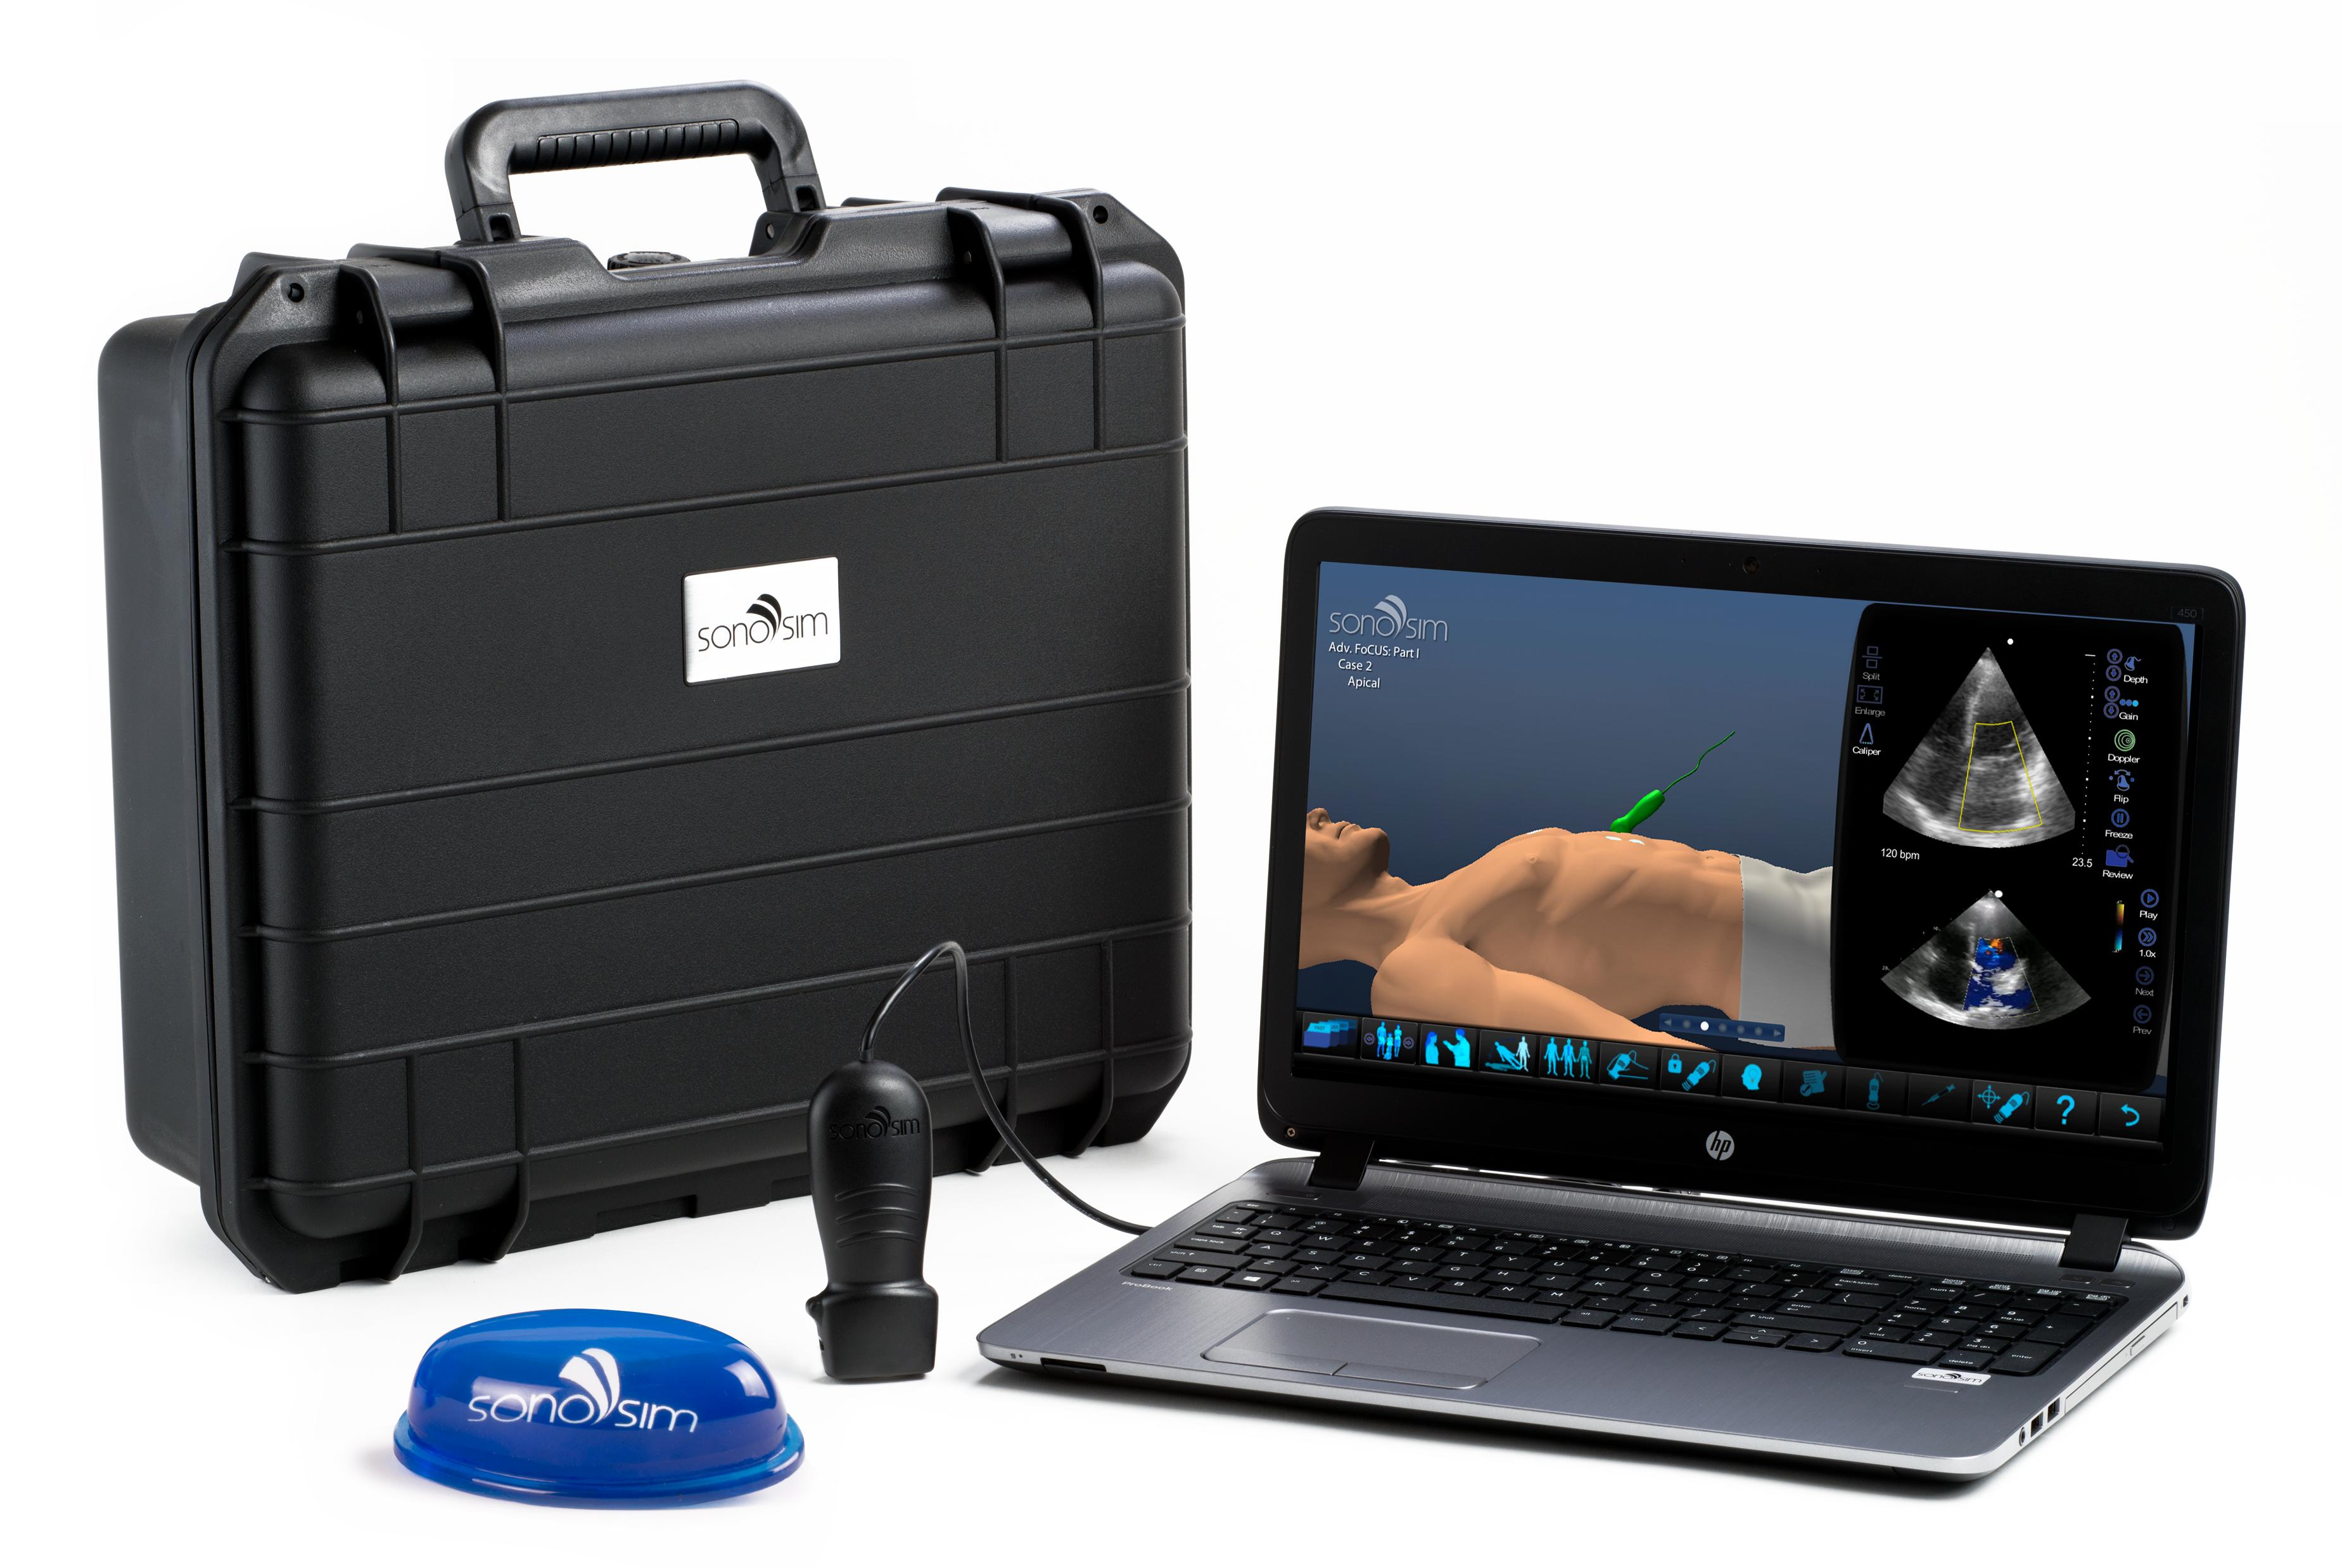 Entrenamiento personal de ultrasonido en línea que permite a los médicos entrenar en casa usando computadoras personales